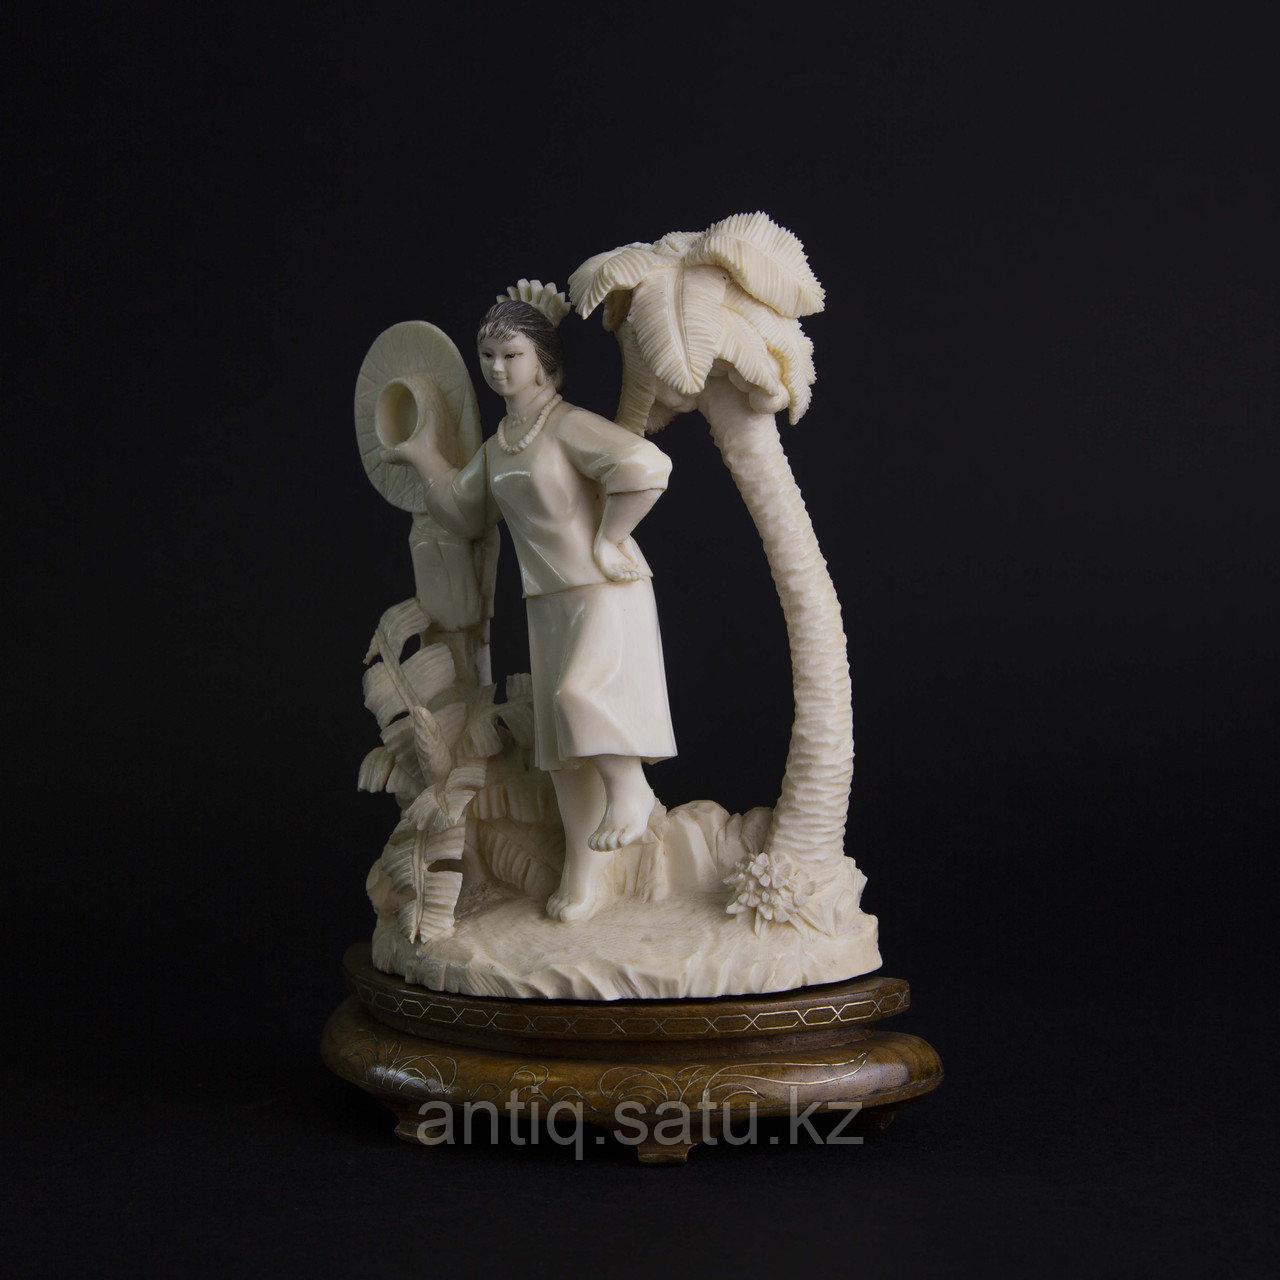 Окимоно из слоновой кости «Летнее фото» Япония, первая половина ХХ века. - фото 6